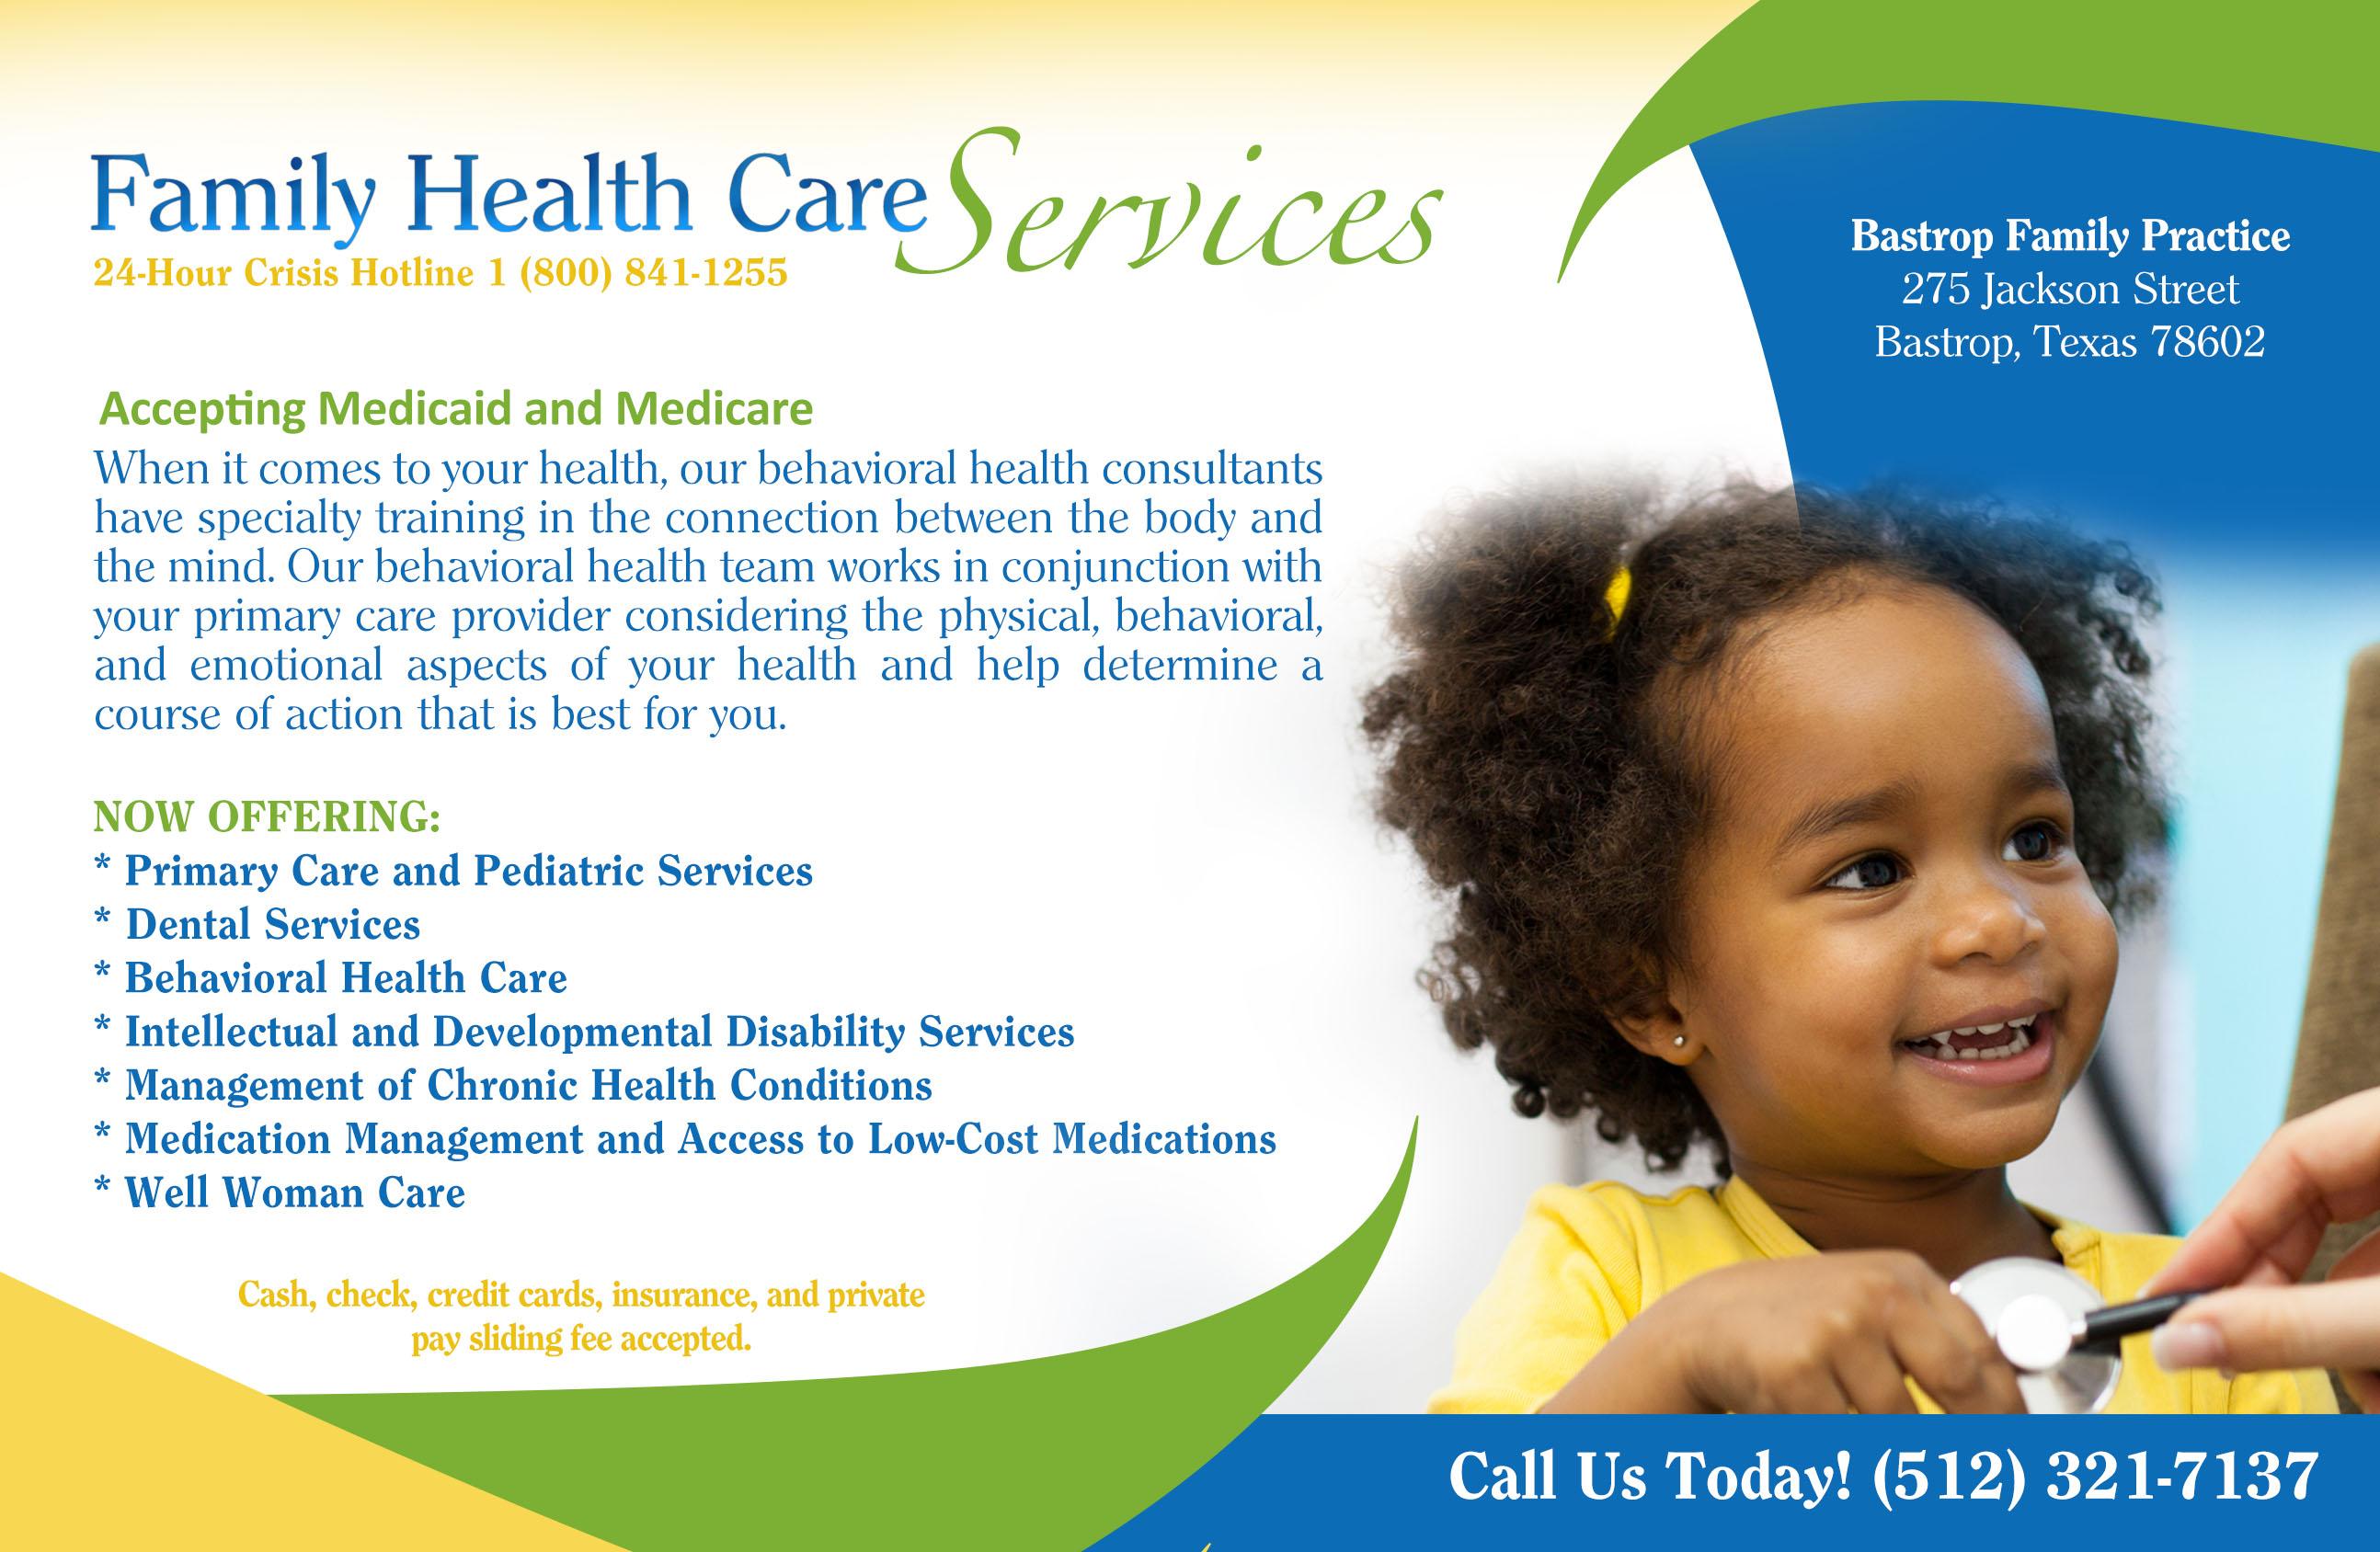 Family Health Care Bluebonnet Trails Community Services